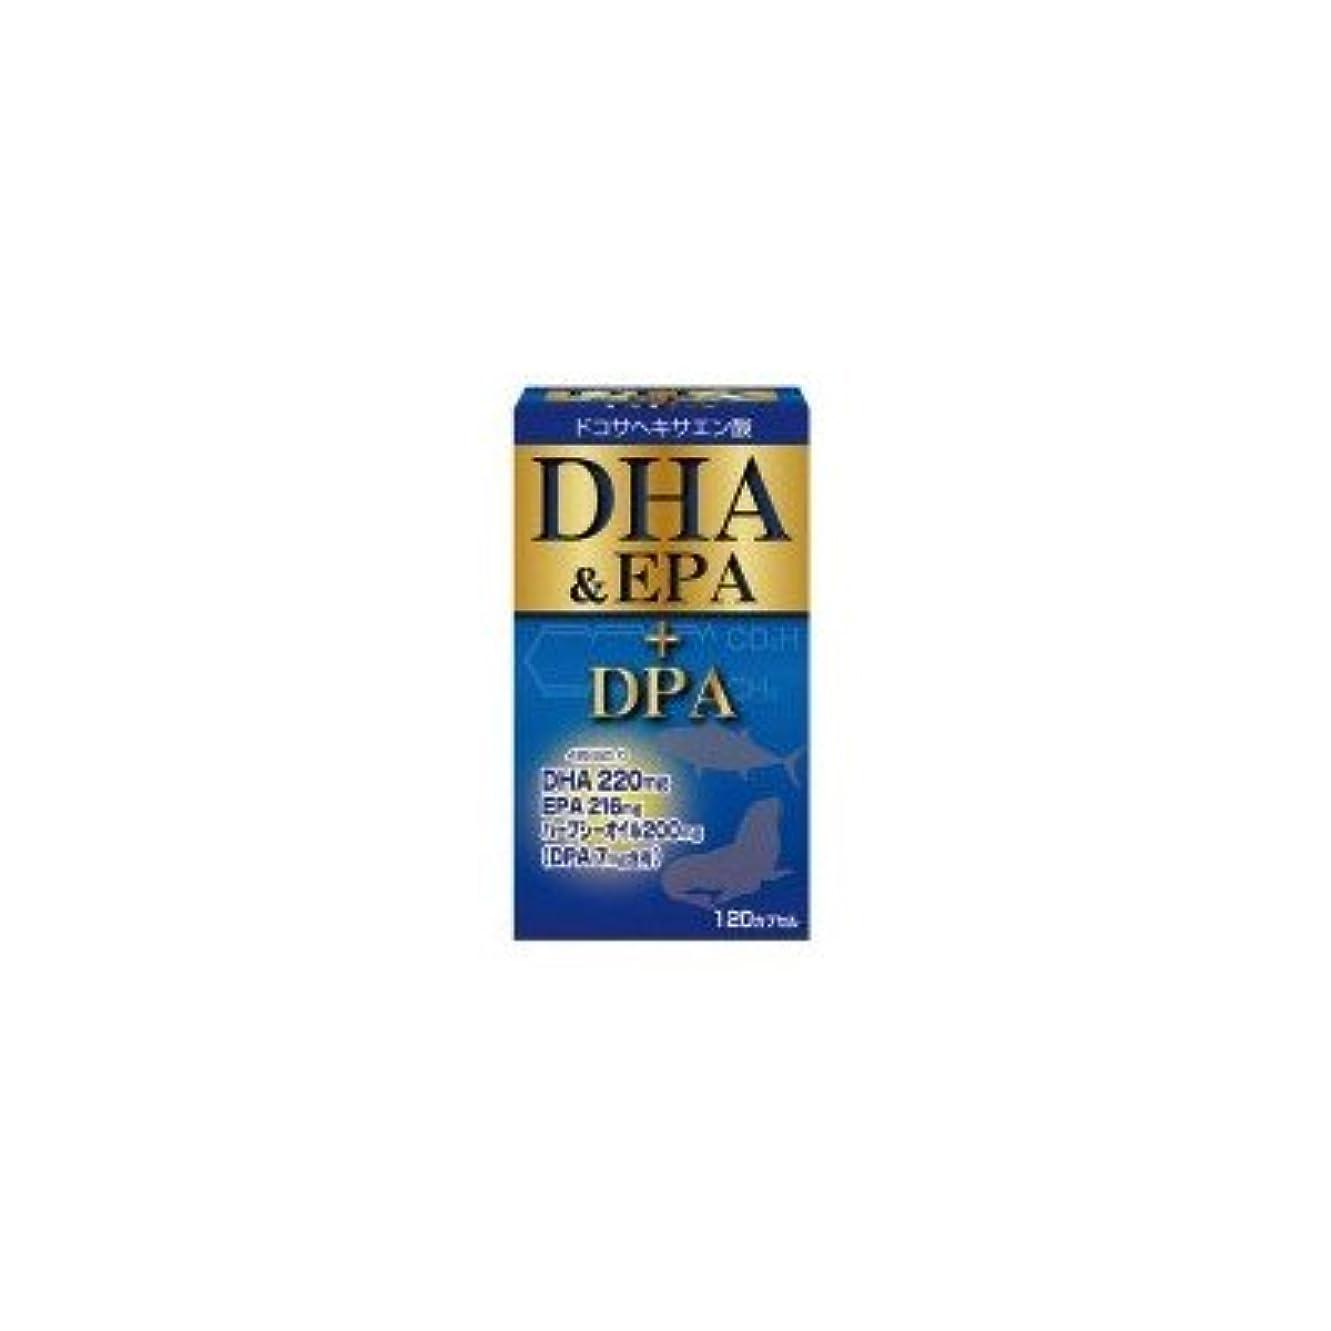 ホラー配列球状ユーワ DHA&EPA+DPA 120カプセル (品番:3091)